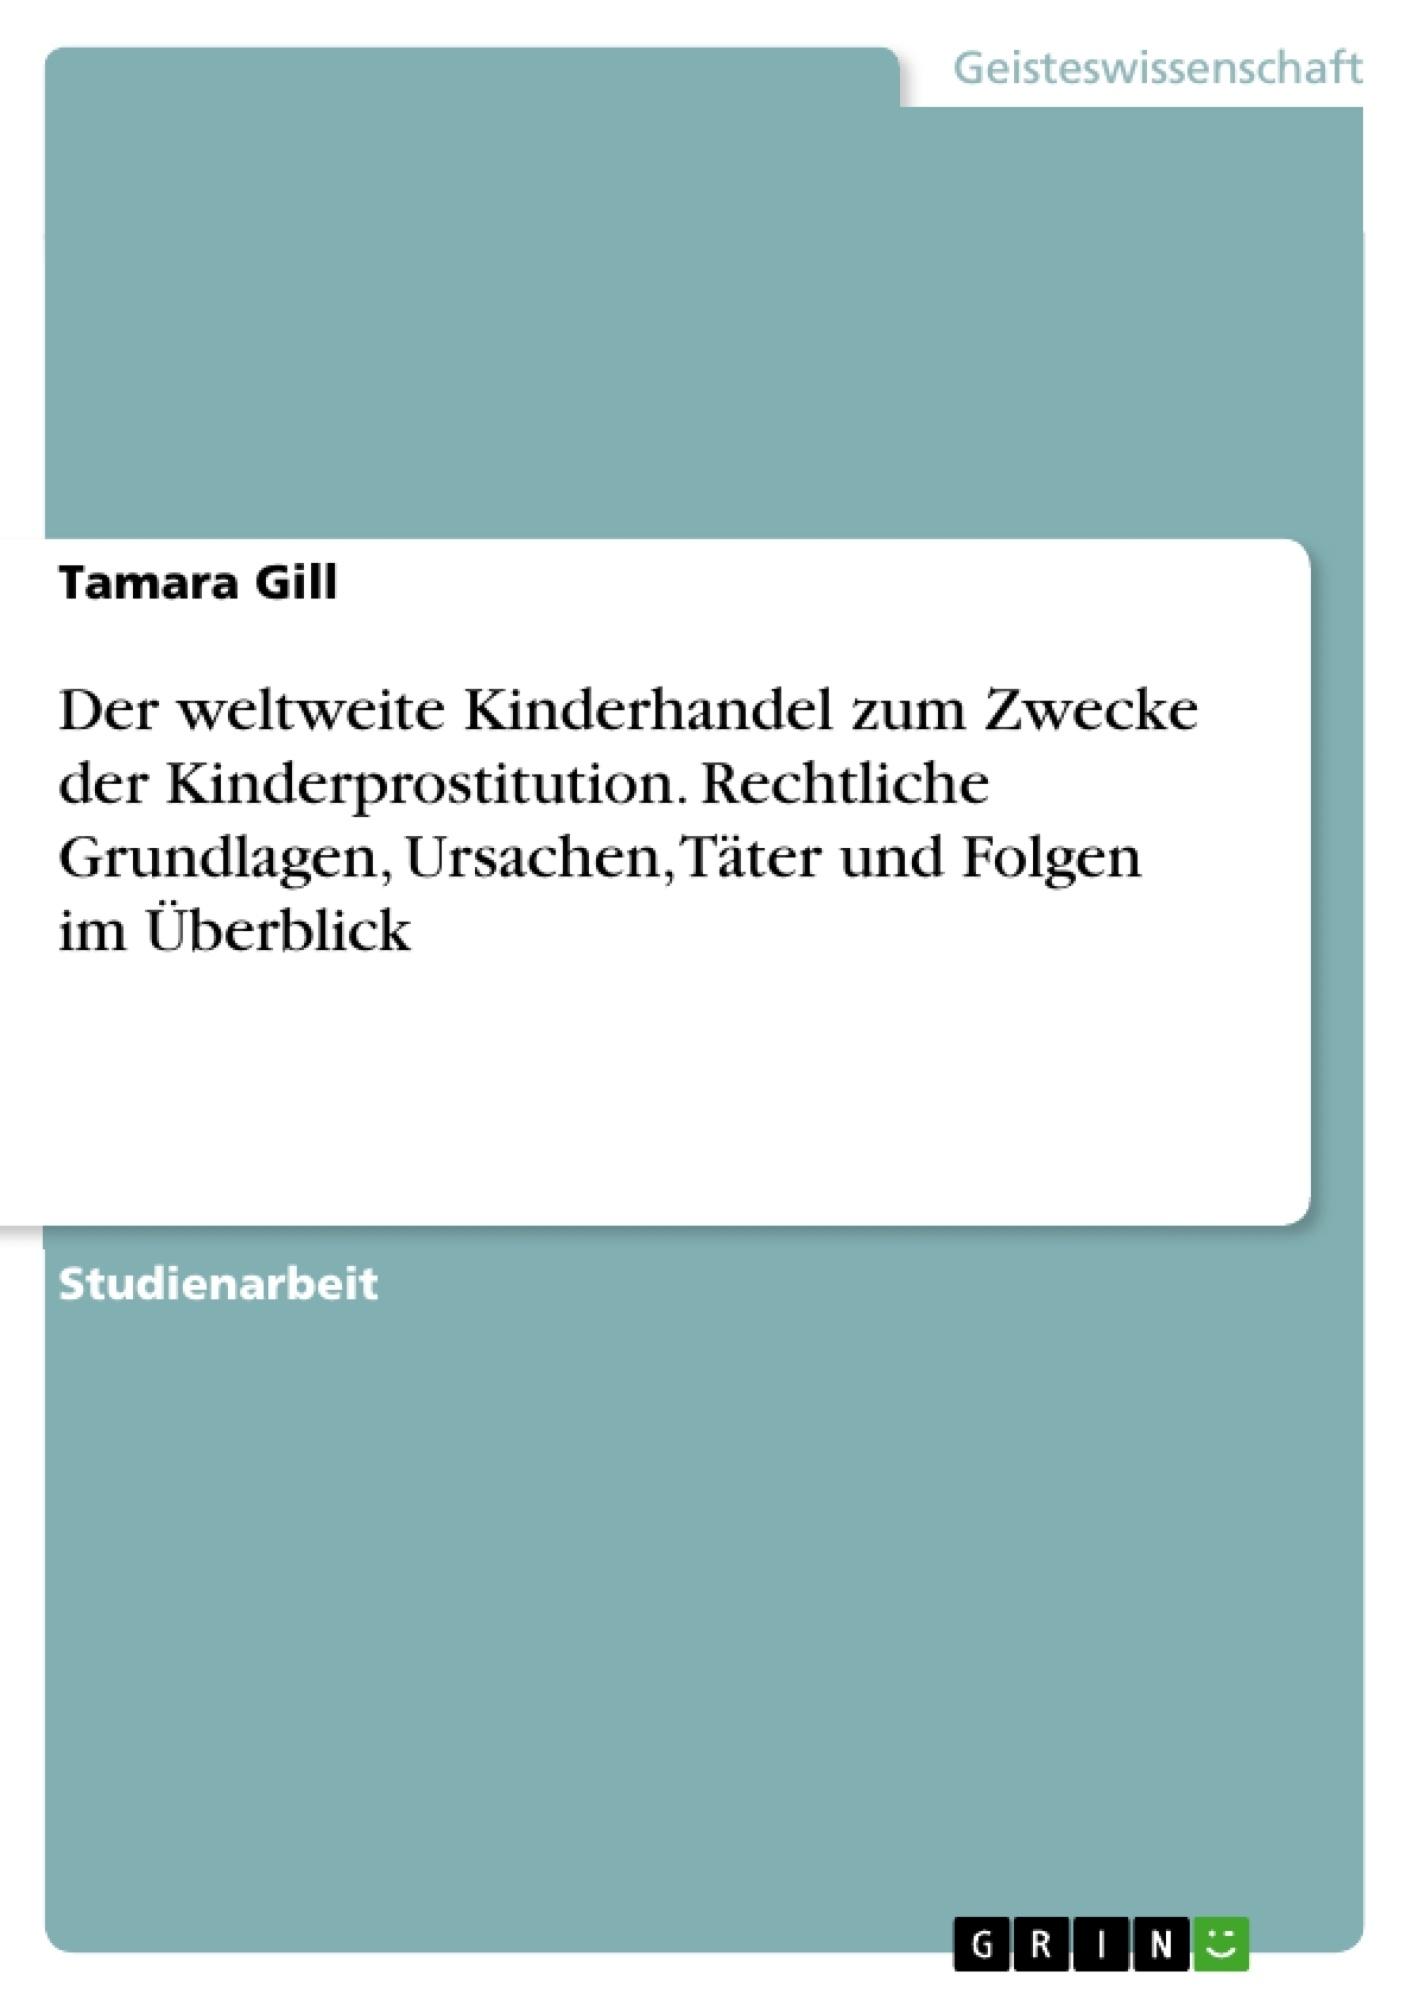 Titel: Der weltweite Kinderhandel zum Zwecke der Kinderprostitution. Rechtliche Grundlagen, Ursachen, Täter und Folgen im Überblick